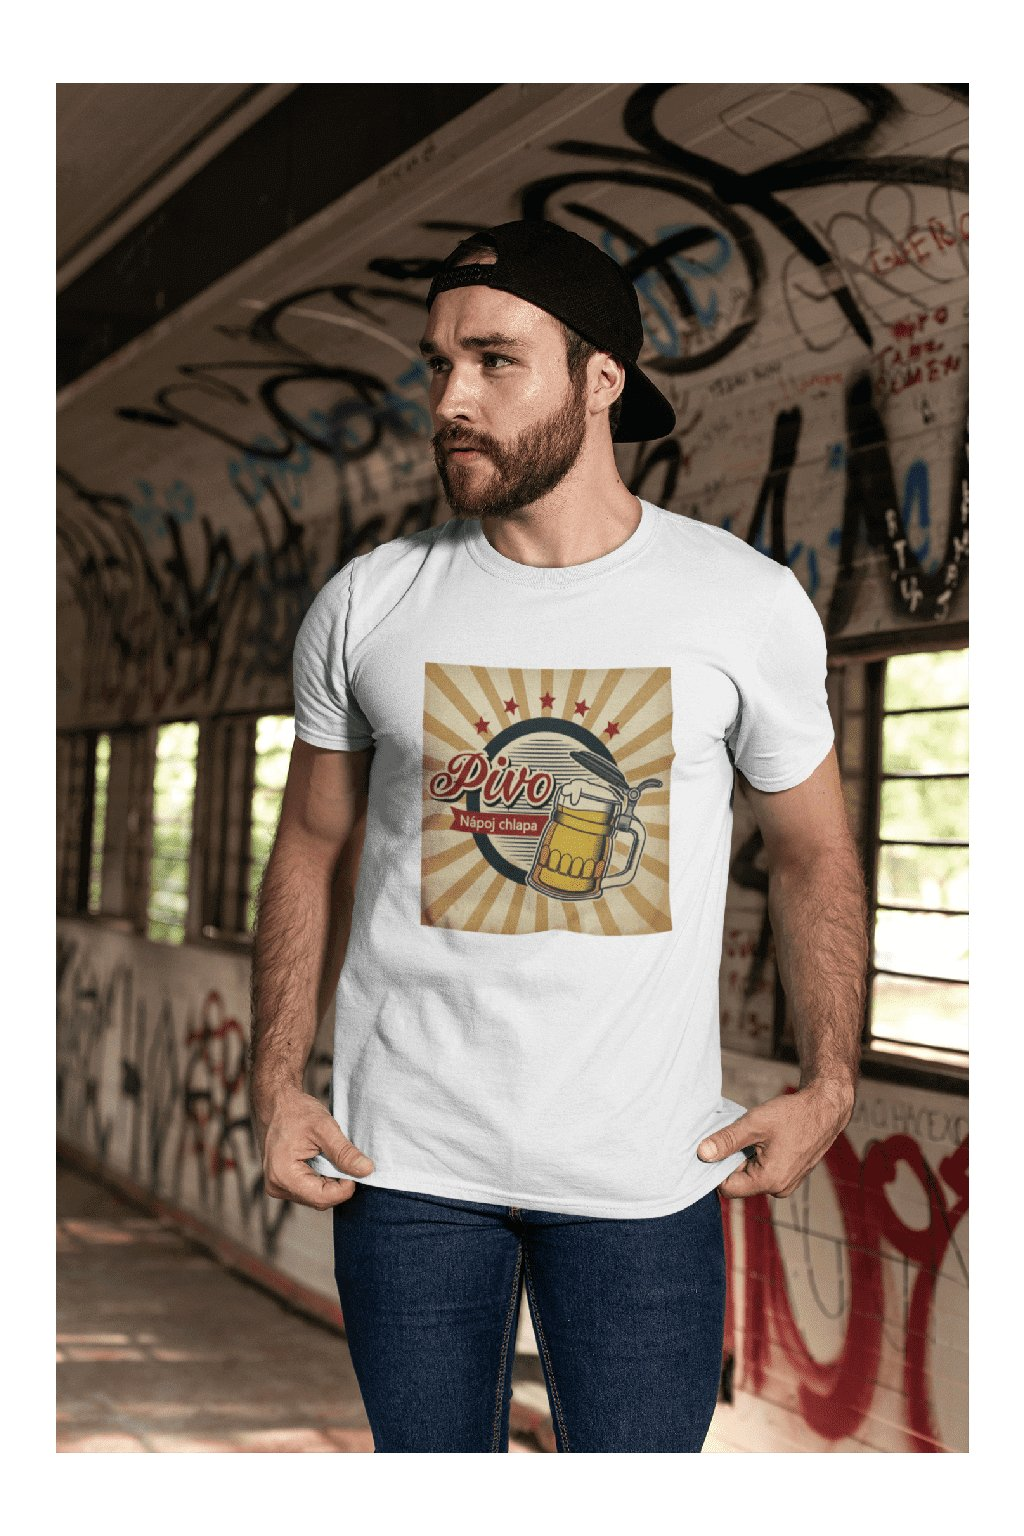 Pánske tričko Pivo - nápoj chlapa